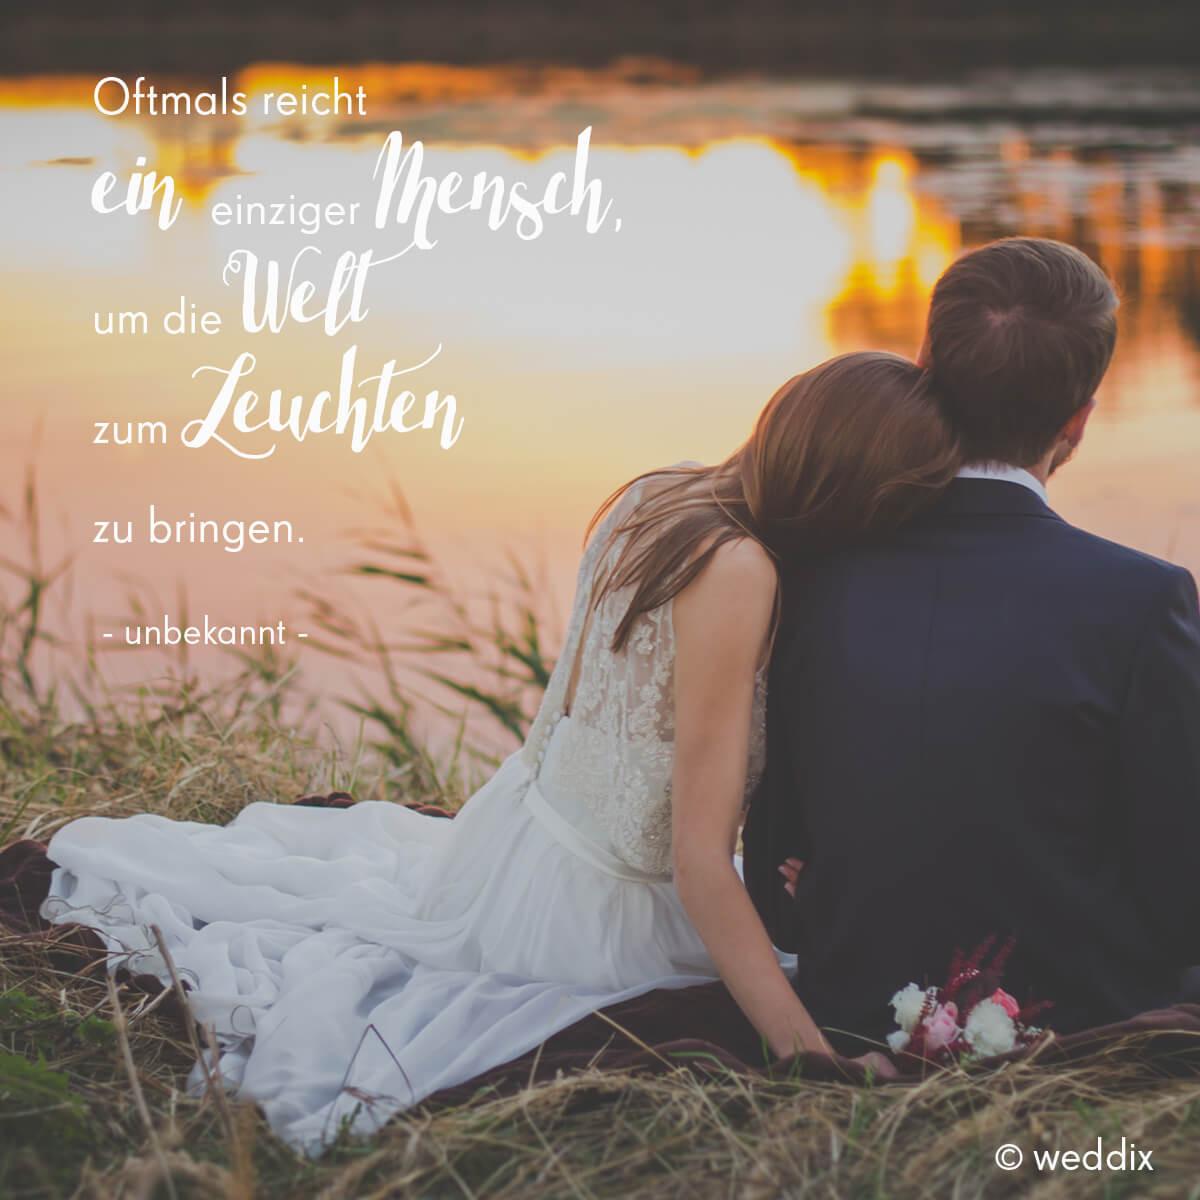 Liebessprüche Zur Hochzeit  Hochzeitssprüche Zitate und Sprüche zur Hochzeit weddix